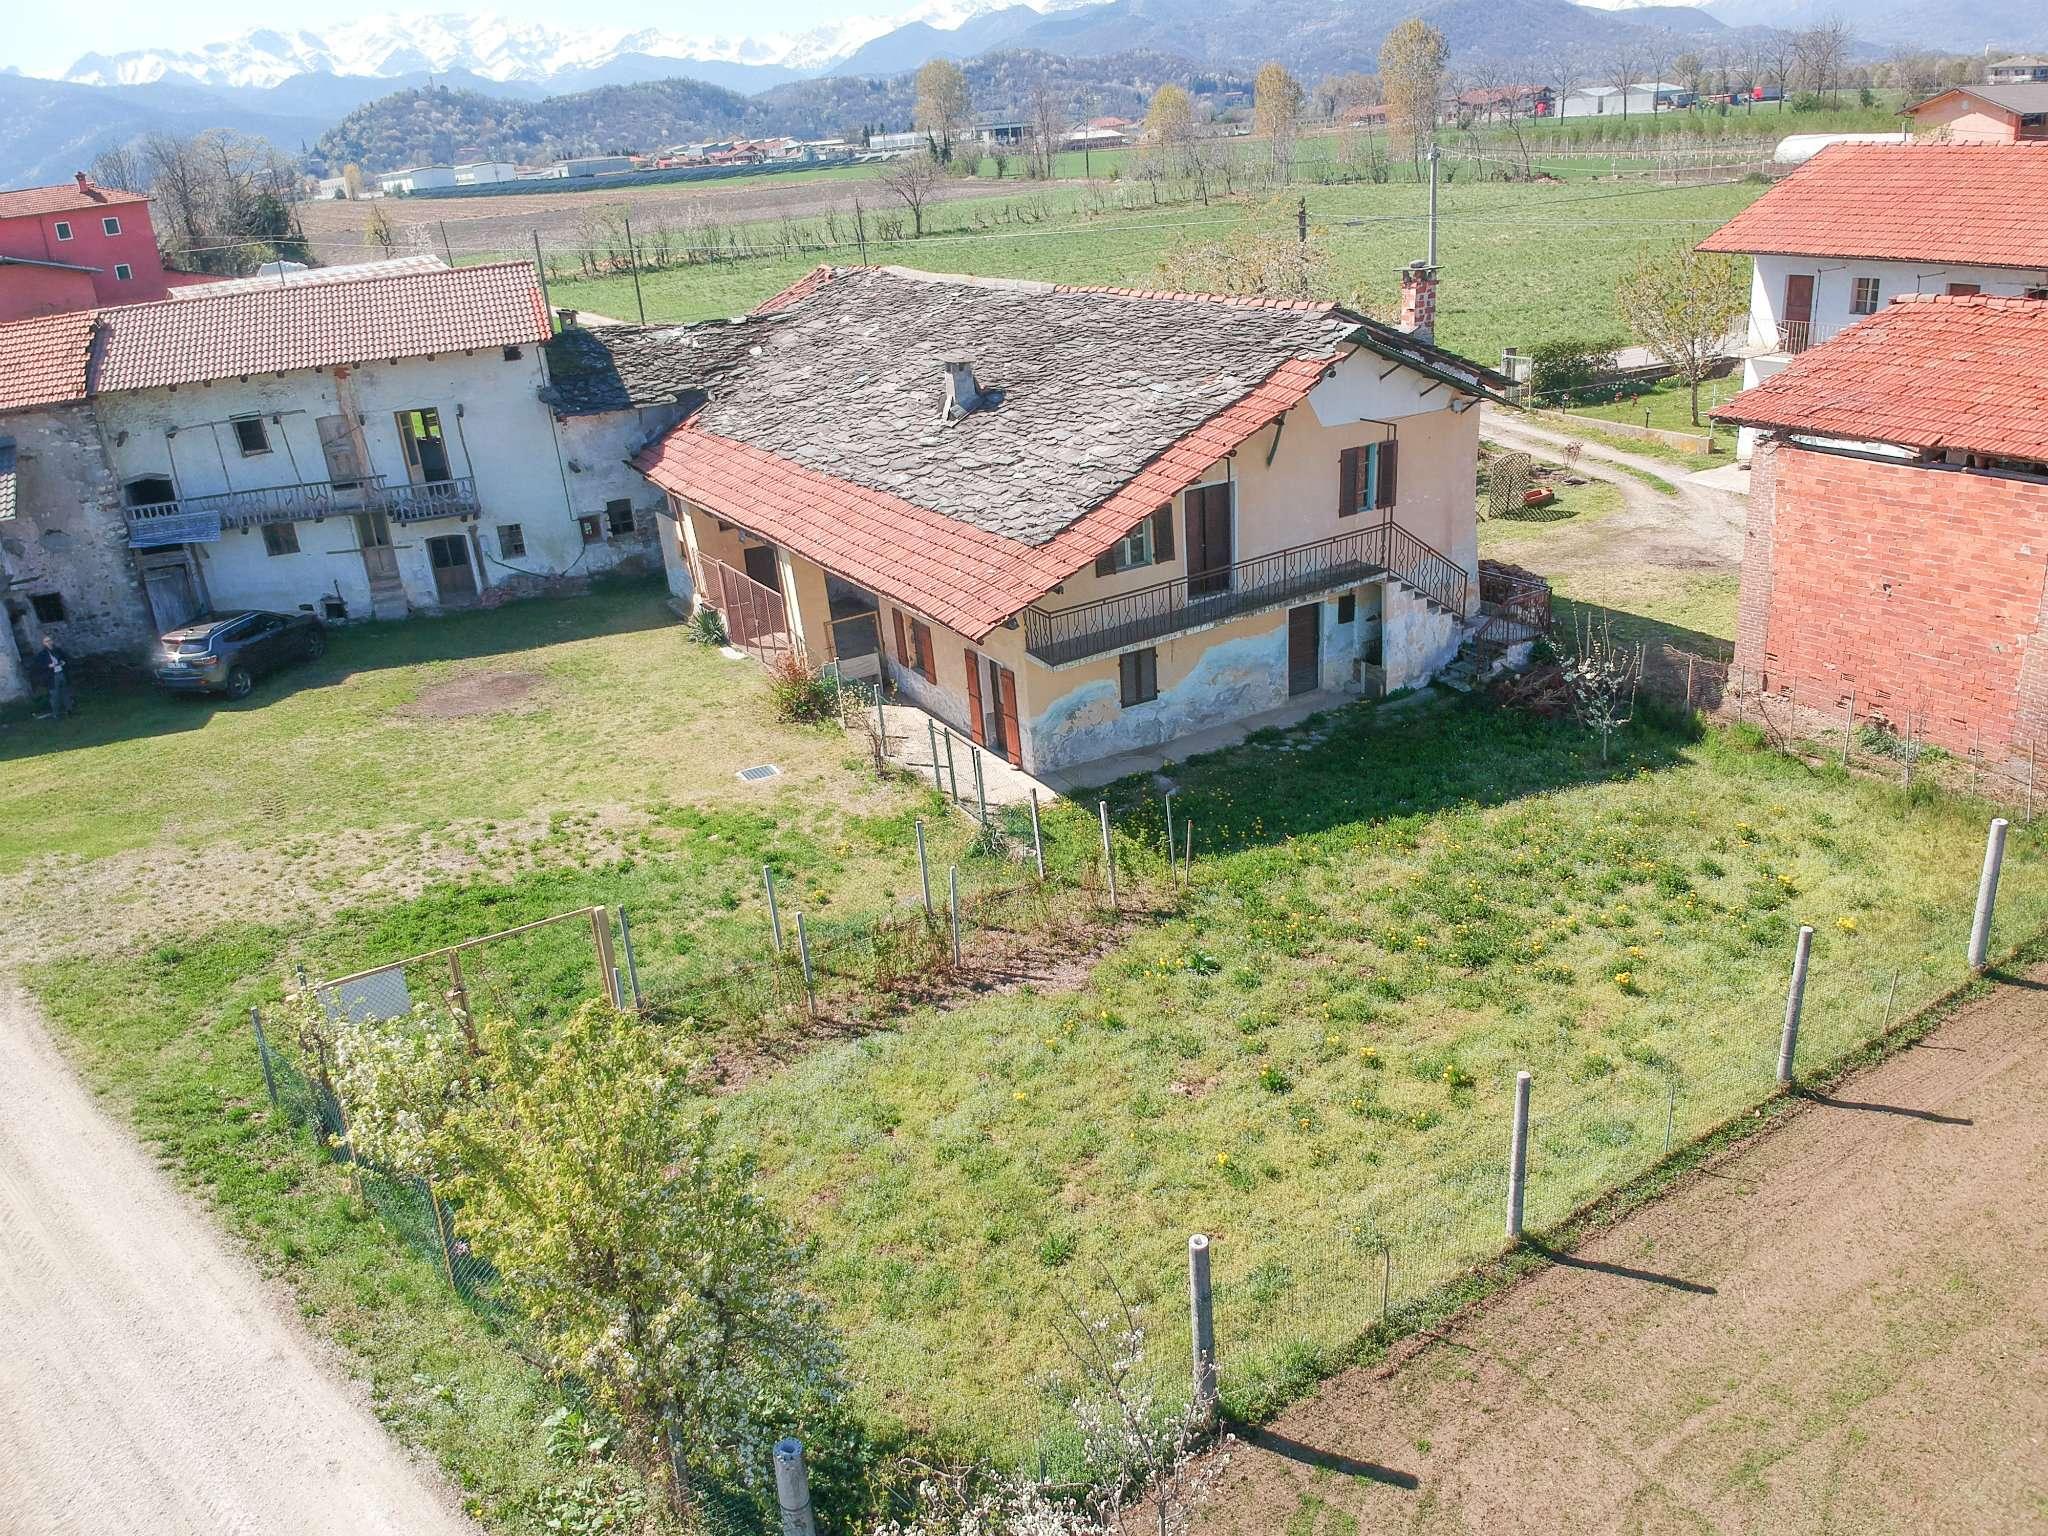 Soluzione Semindipendente in vendita a Caraglio, 4 locali, prezzo € 19.000 | PortaleAgenzieImmobiliari.it